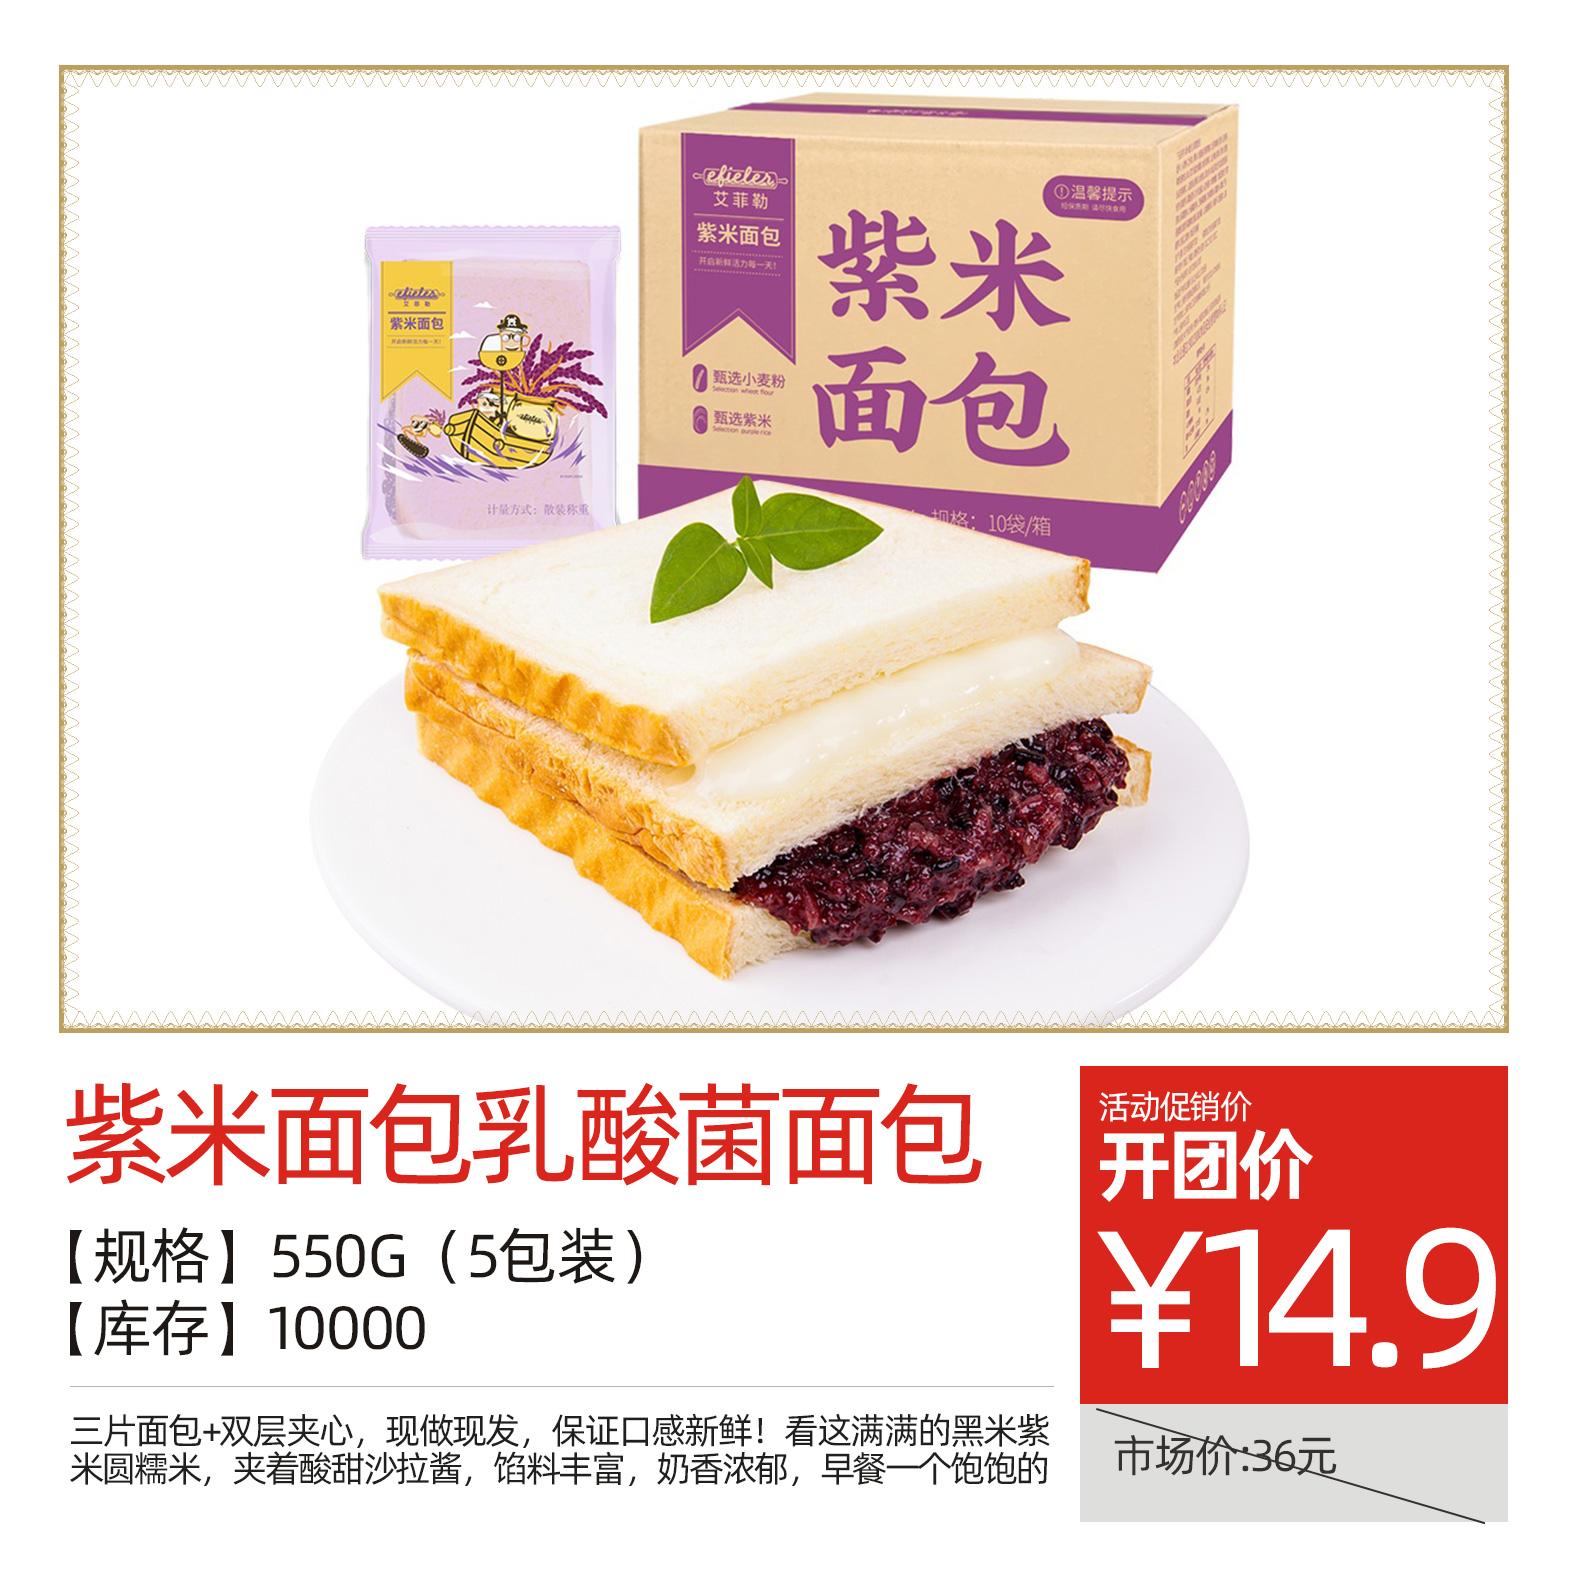 紫米面包乳酸菌面包